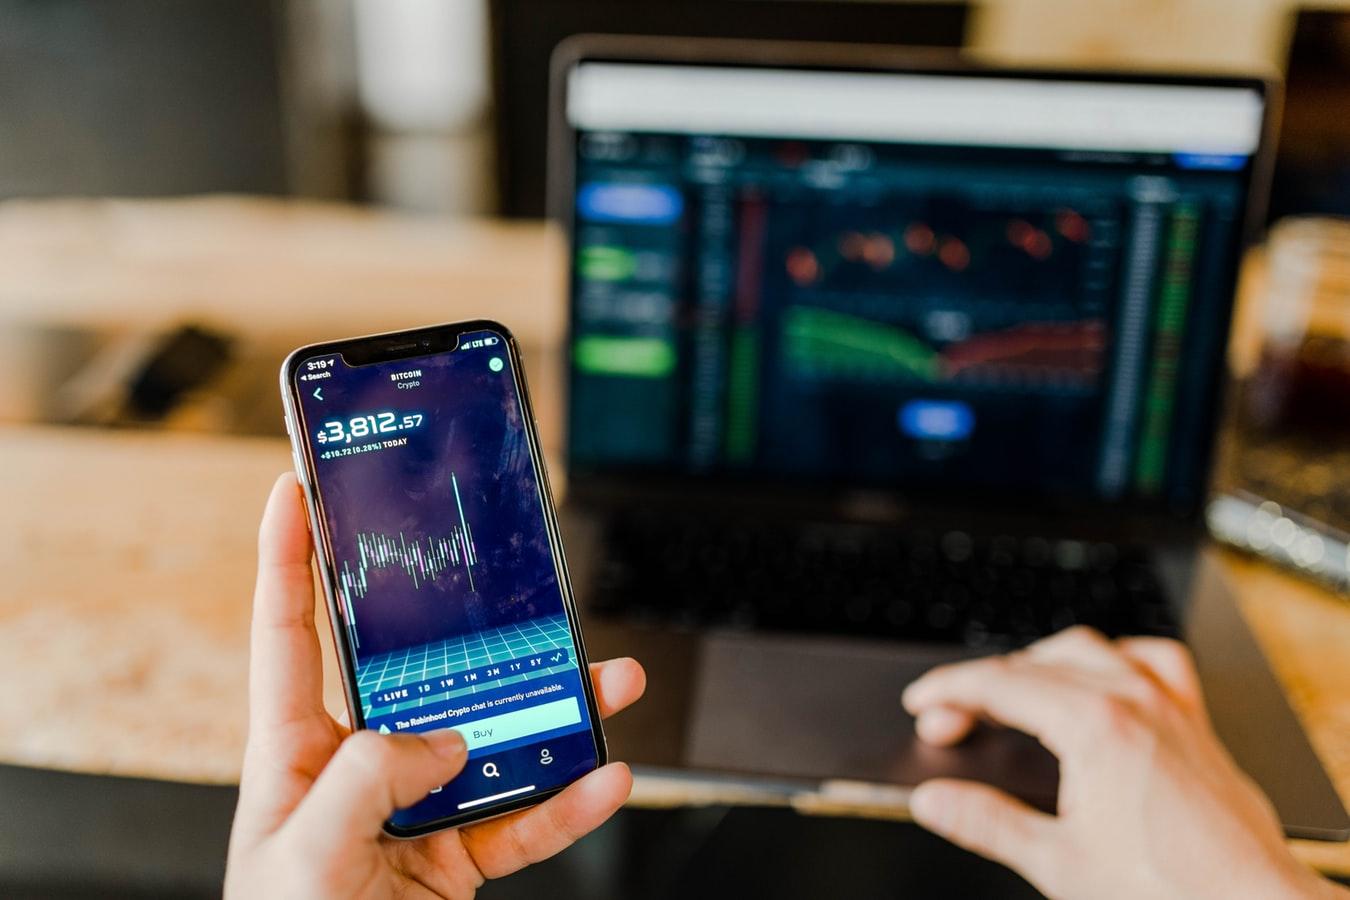 Un homme manipulant son téléphone et l'ordinateur sur lesquels s'affiche des diagrammes à propos du Bitcoin